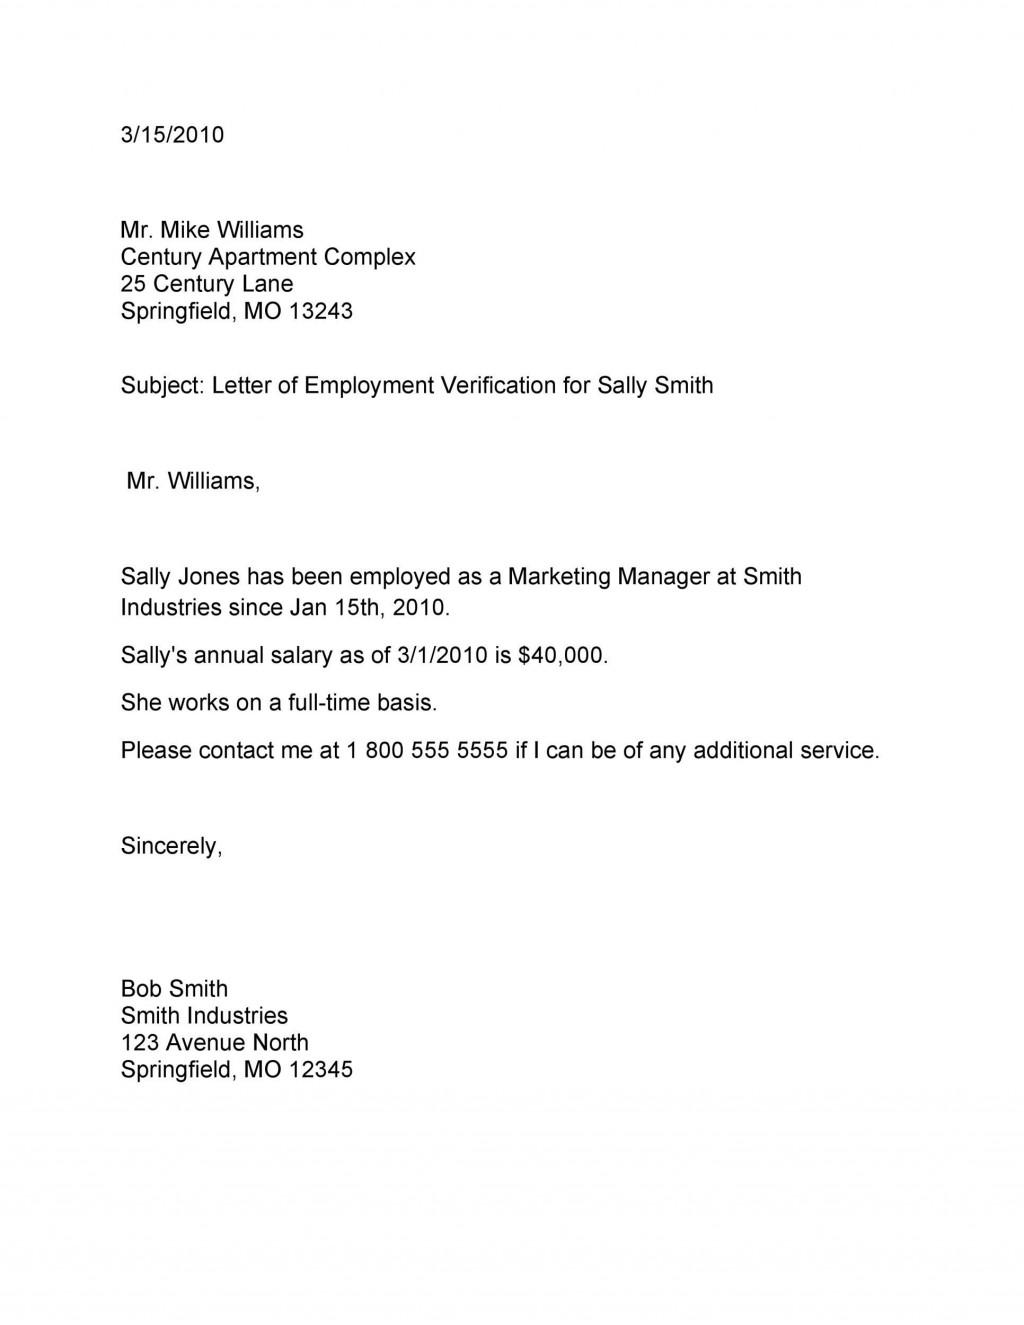 004 Surprising Employment Verification Form Template Idea  Templates Previou Past PrintableLarge